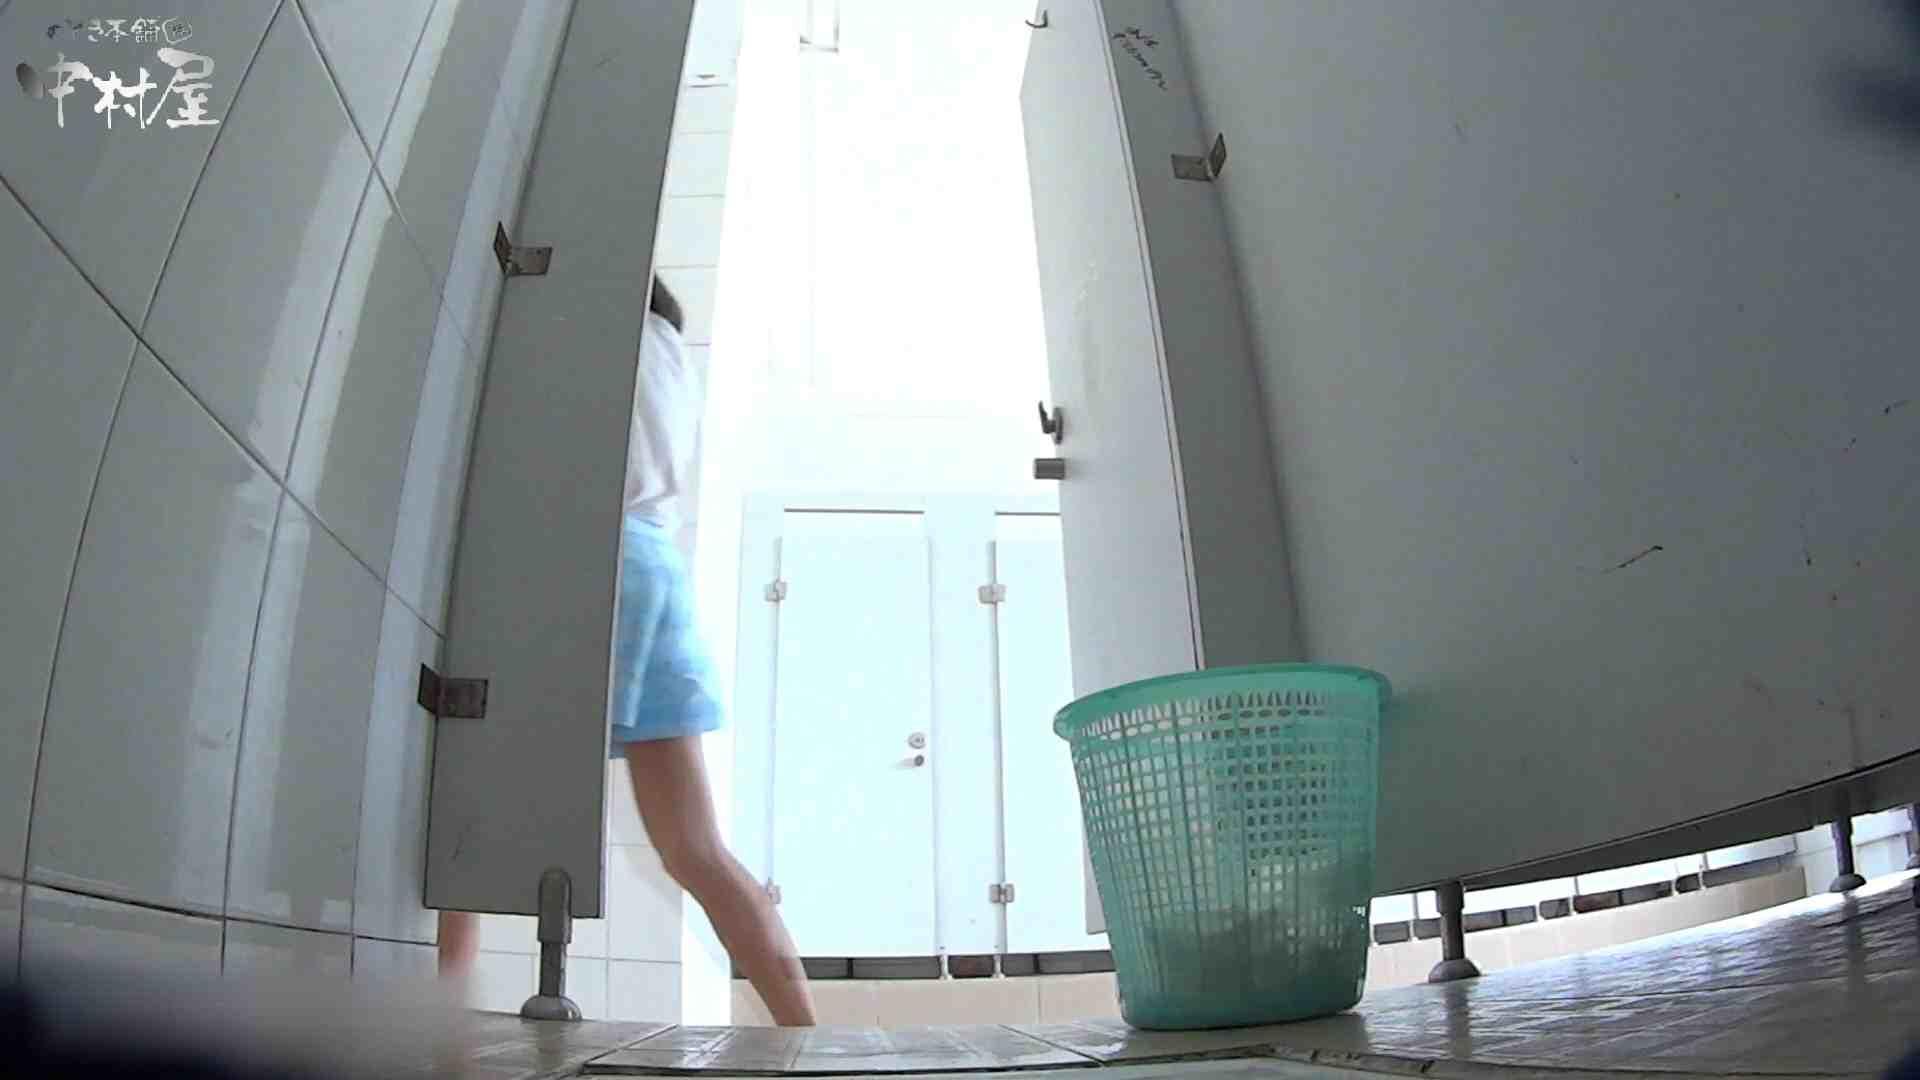 美しい女良たちのトイレ事情 有名大学休憩時間の洗面所事情06 高画質  101Pix 15